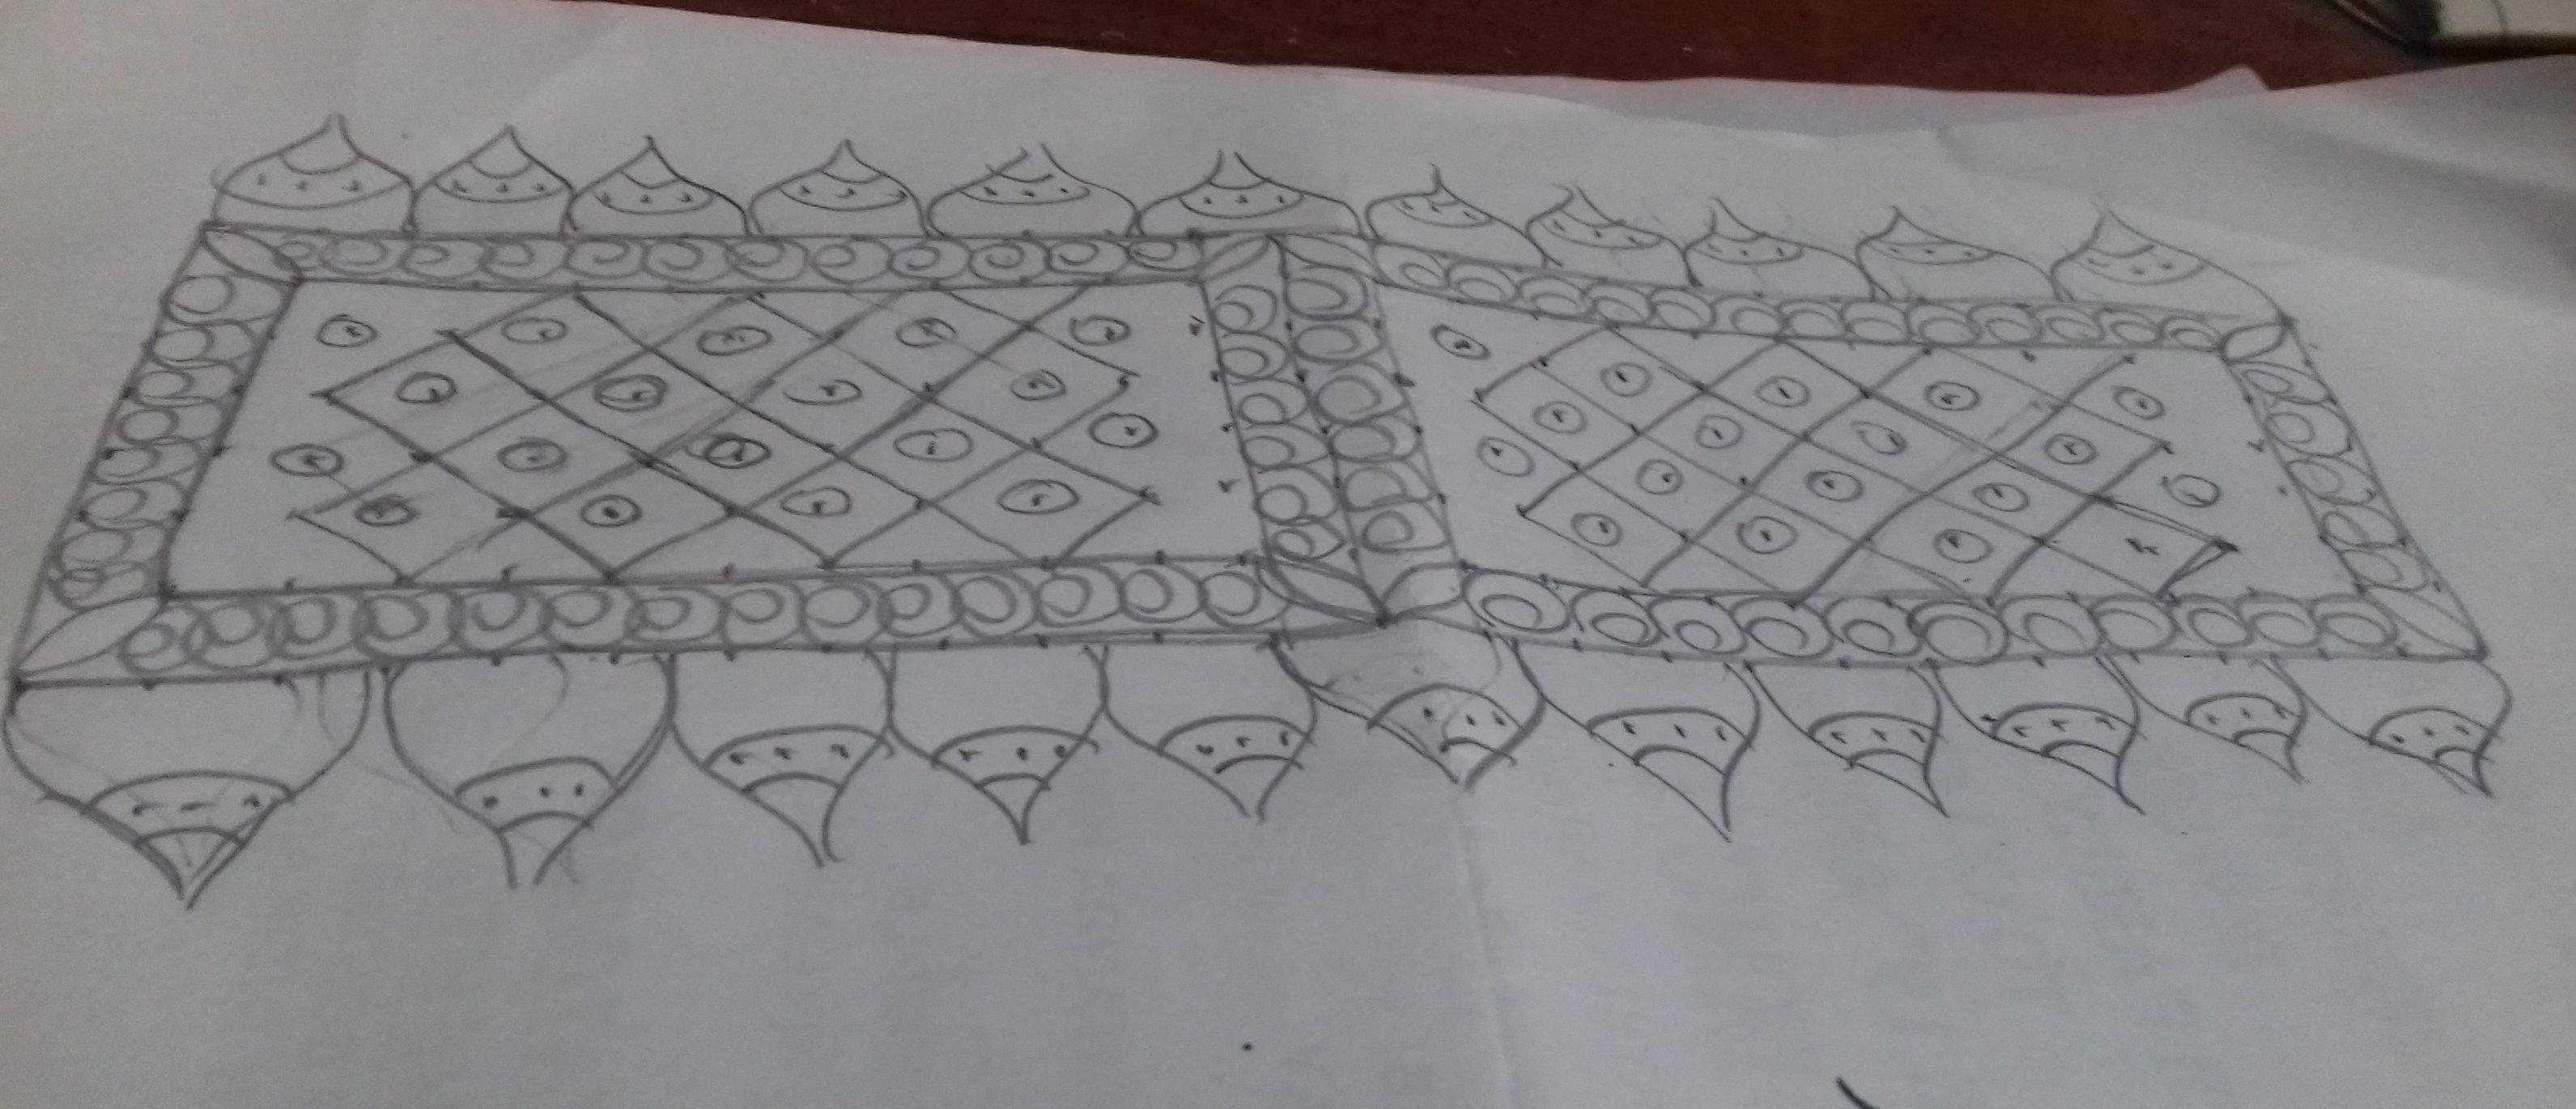 designed kolam    25 dots contest Kolam